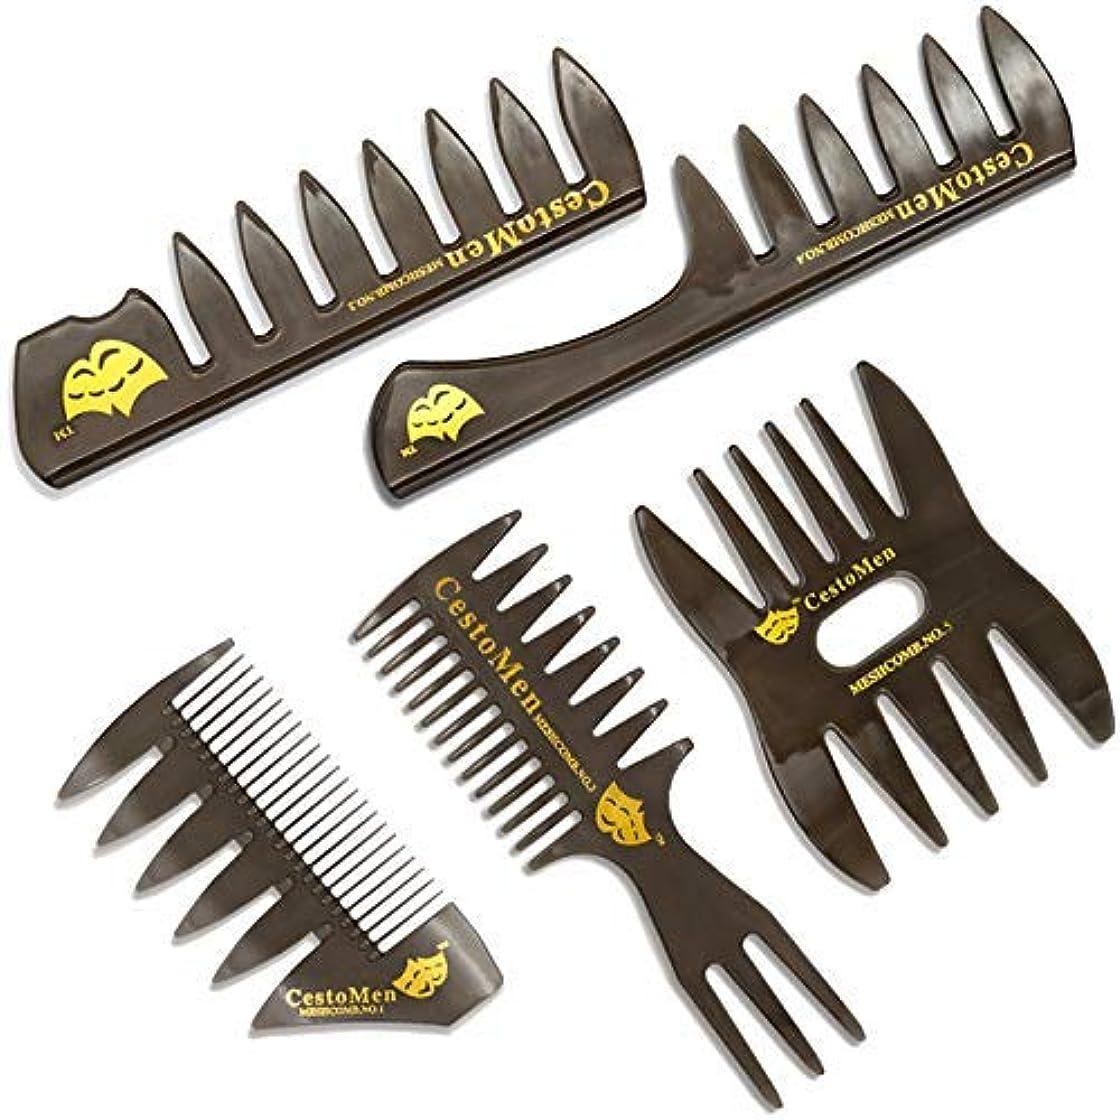 反抗投獄代替案5 PCS Hair Comb Styling Set Barber Hairstylist Accessories - Professional Shaping & Teasing Wet Combs Tools, Anti...